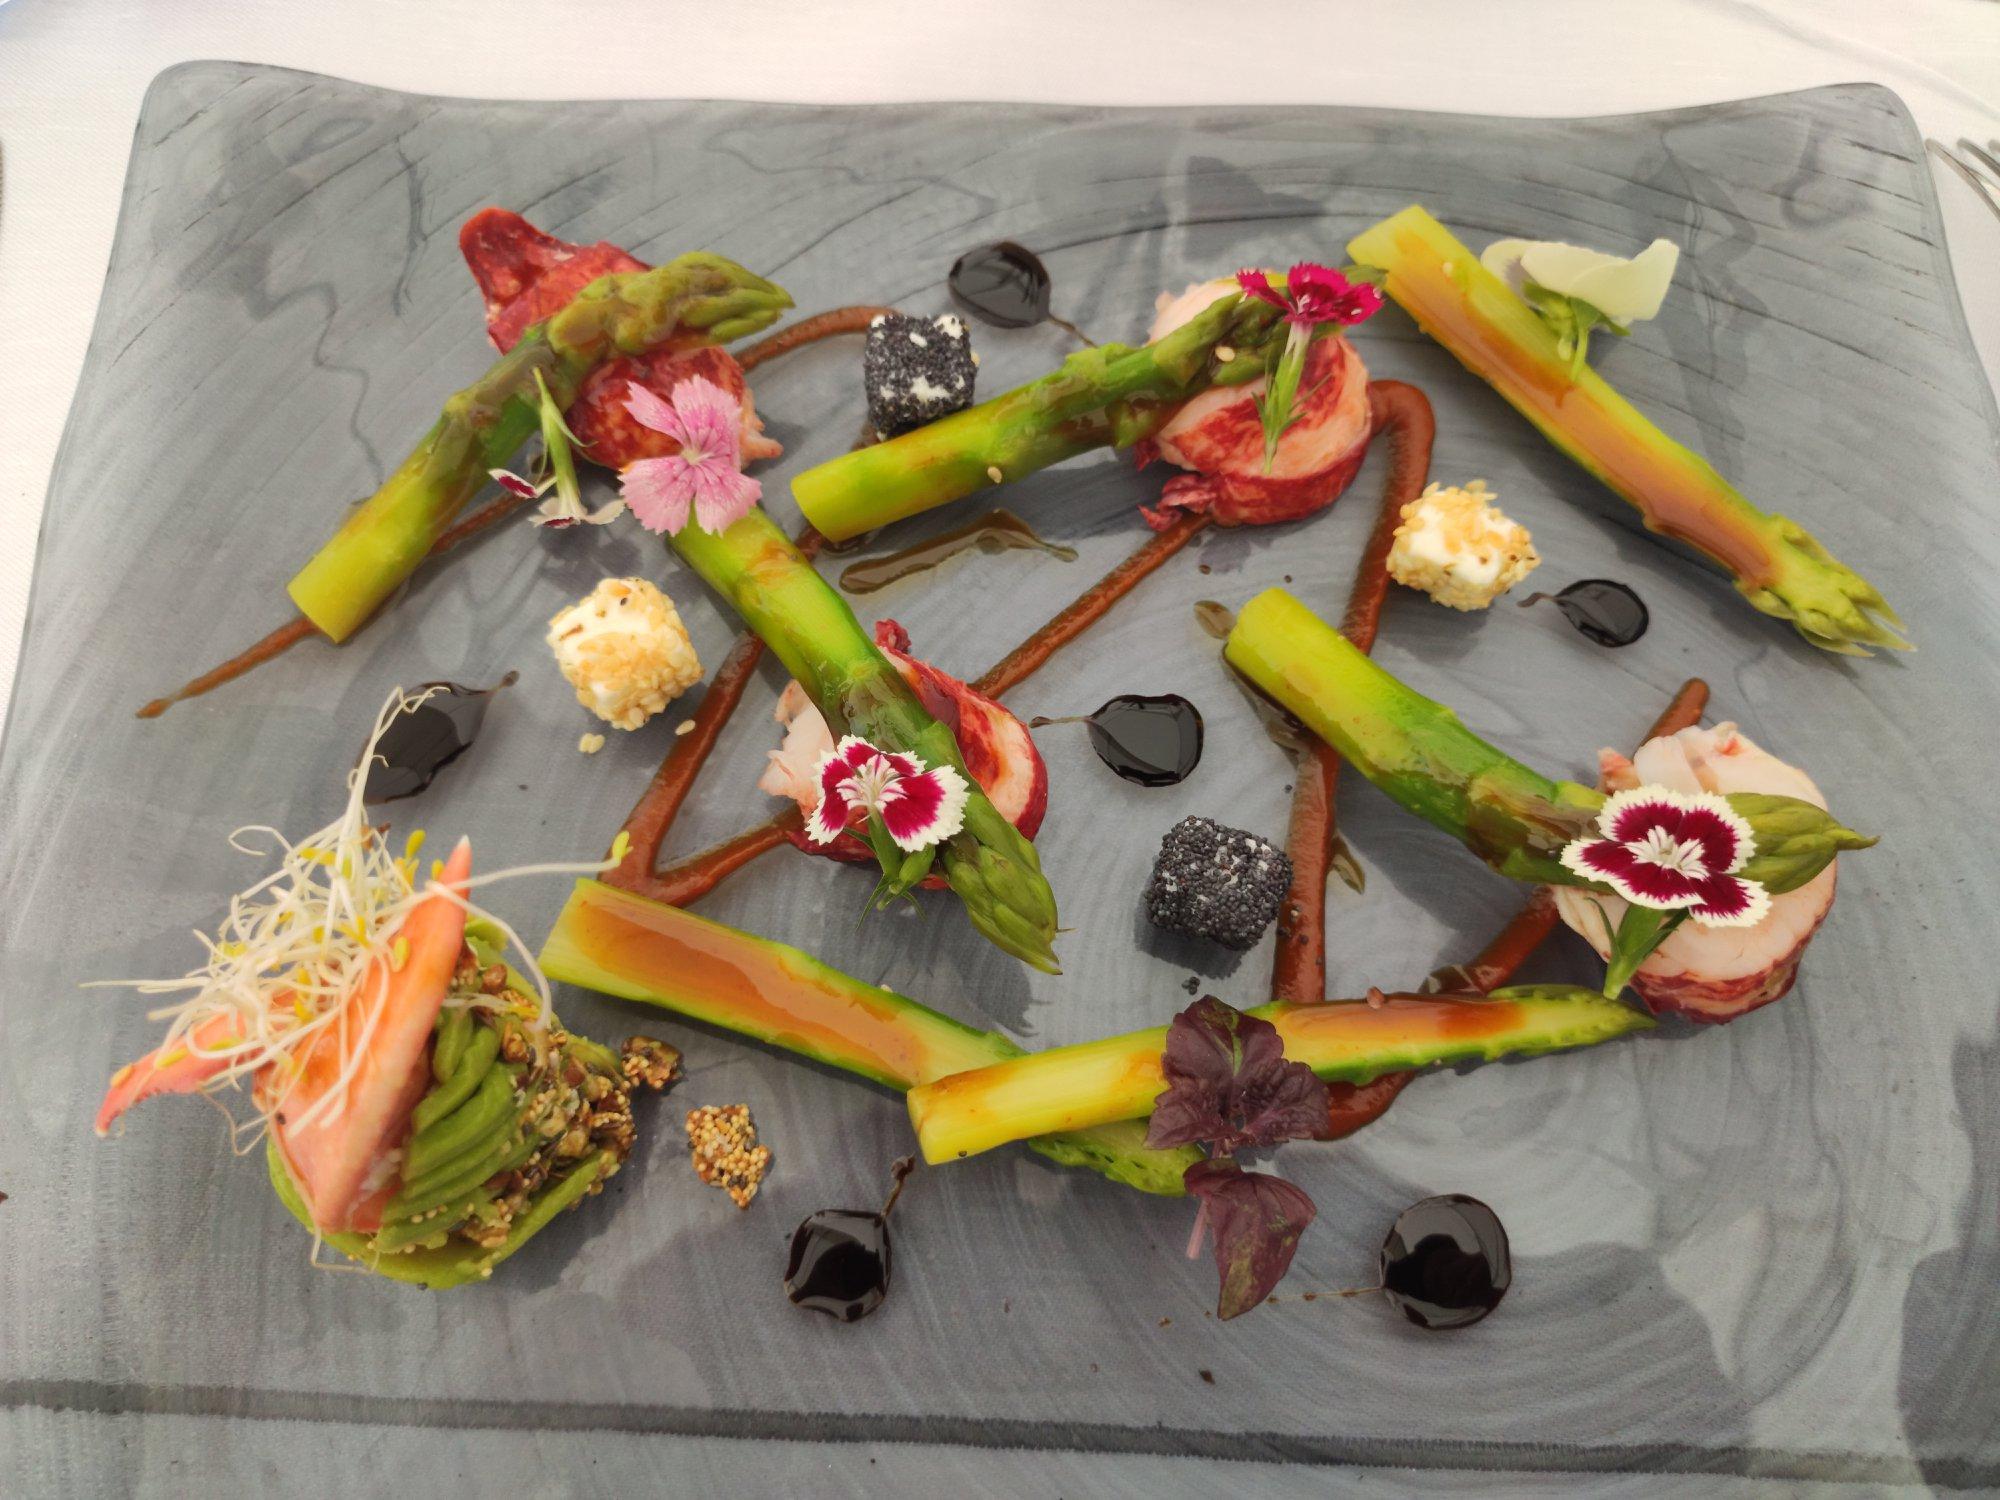 Belle Otéro : homard bleu, asperges vertes, poises de tétragone, petit granola et fleurs fraîches